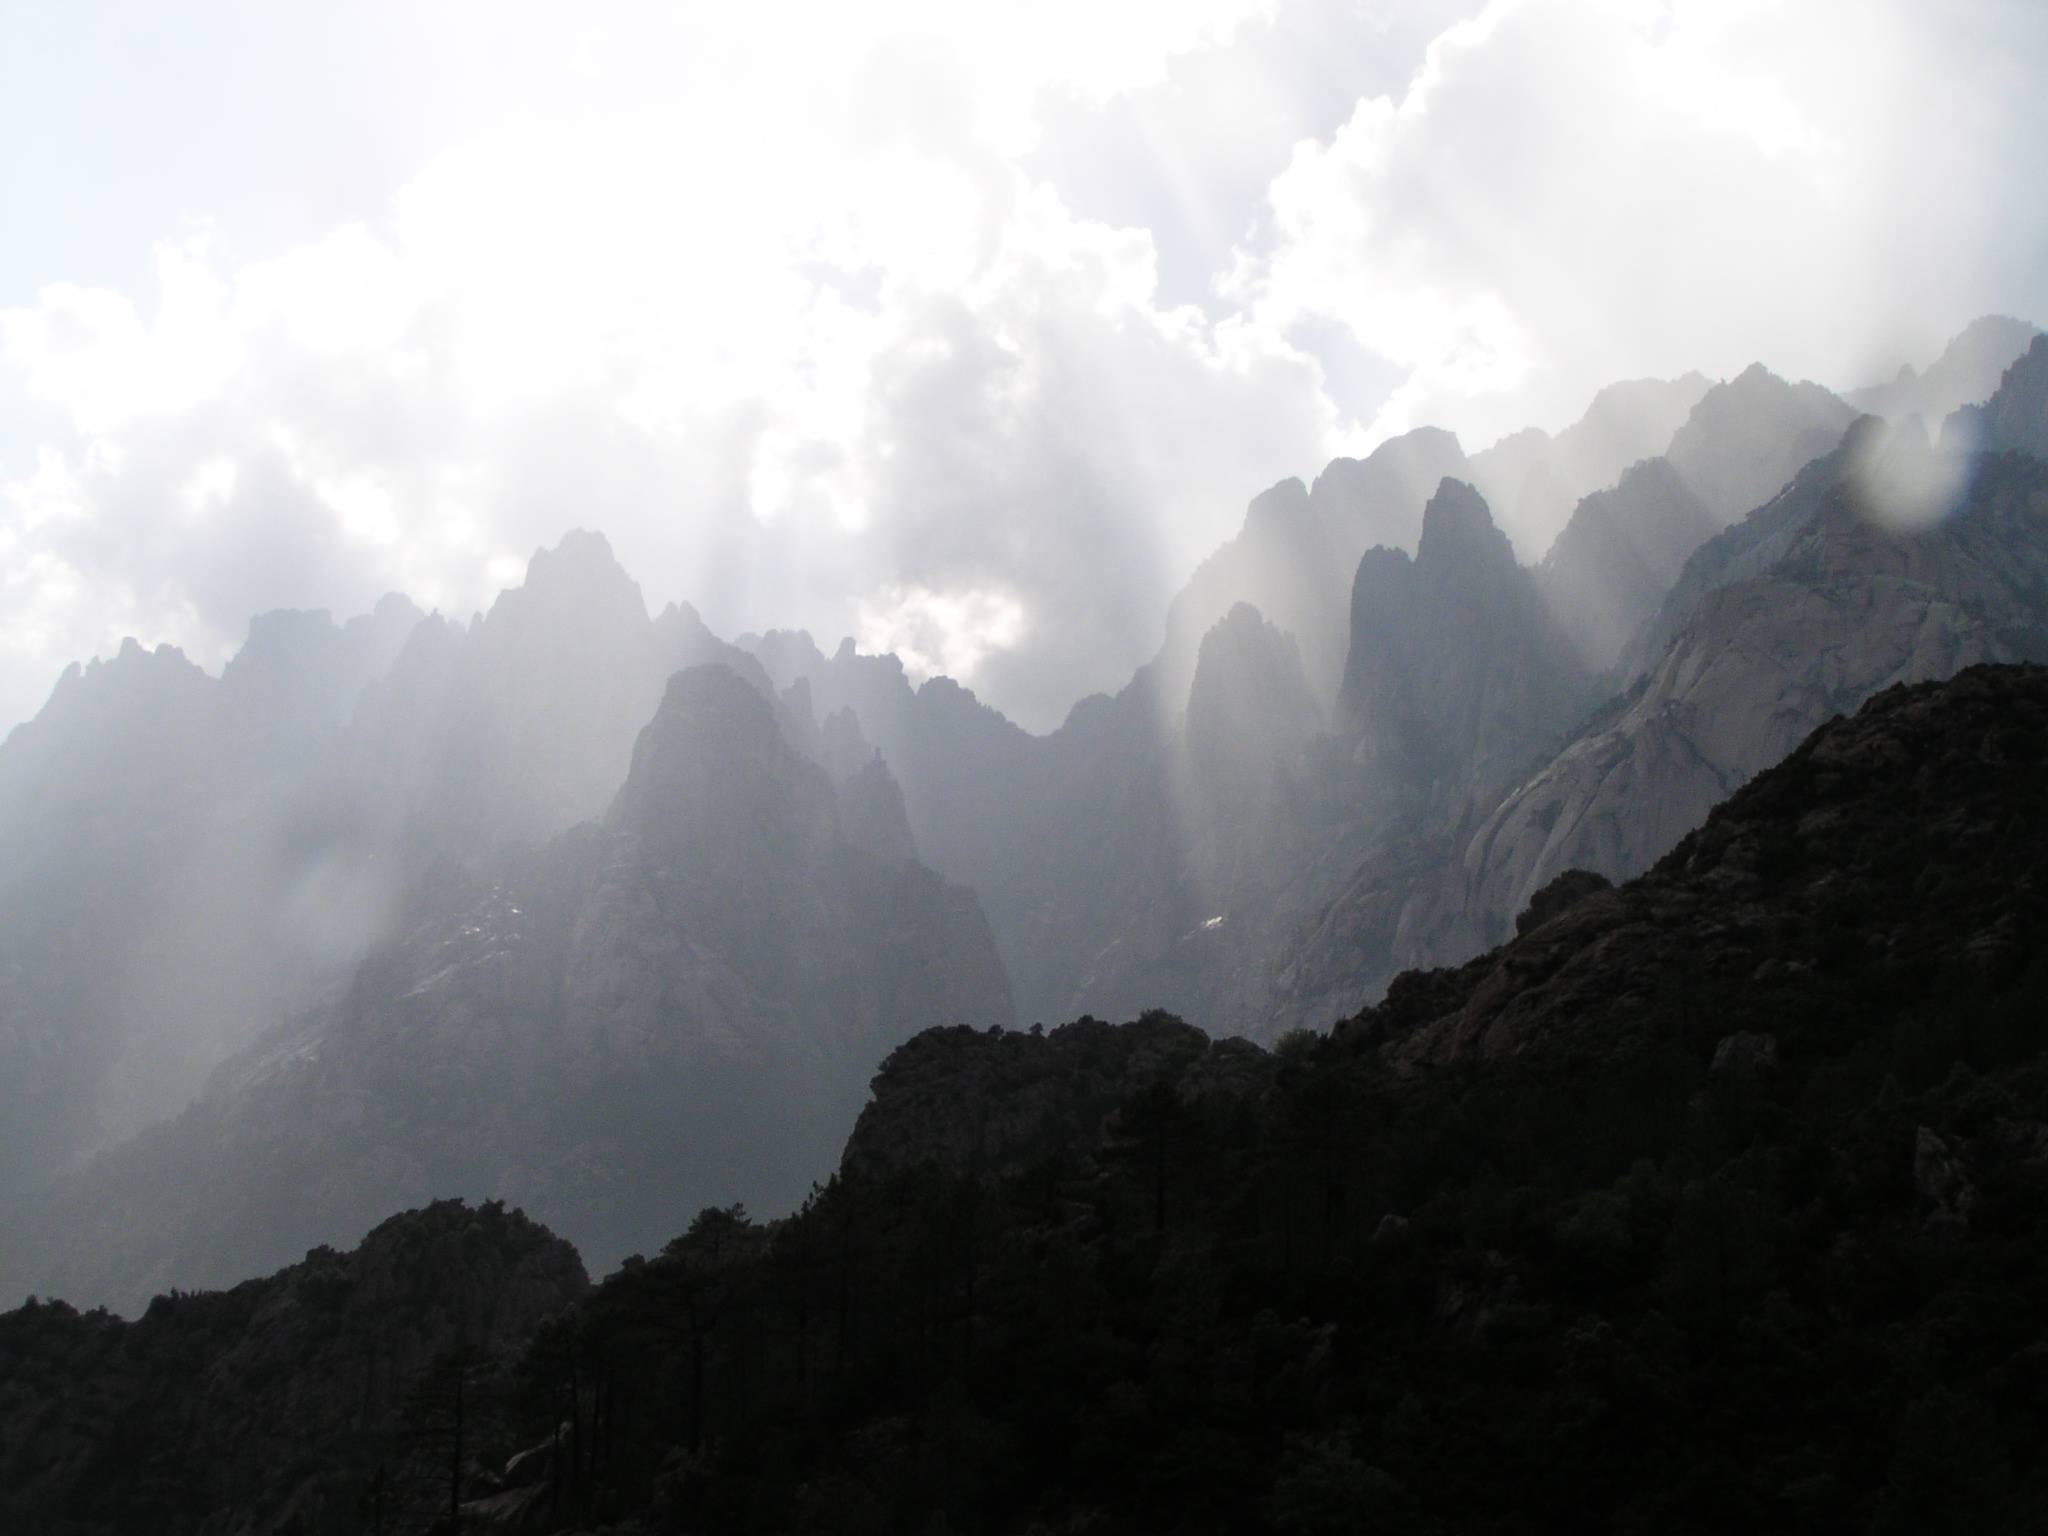 Randonnée avec xtremsudcanyon. Massif de bavela, Corse du Sud.